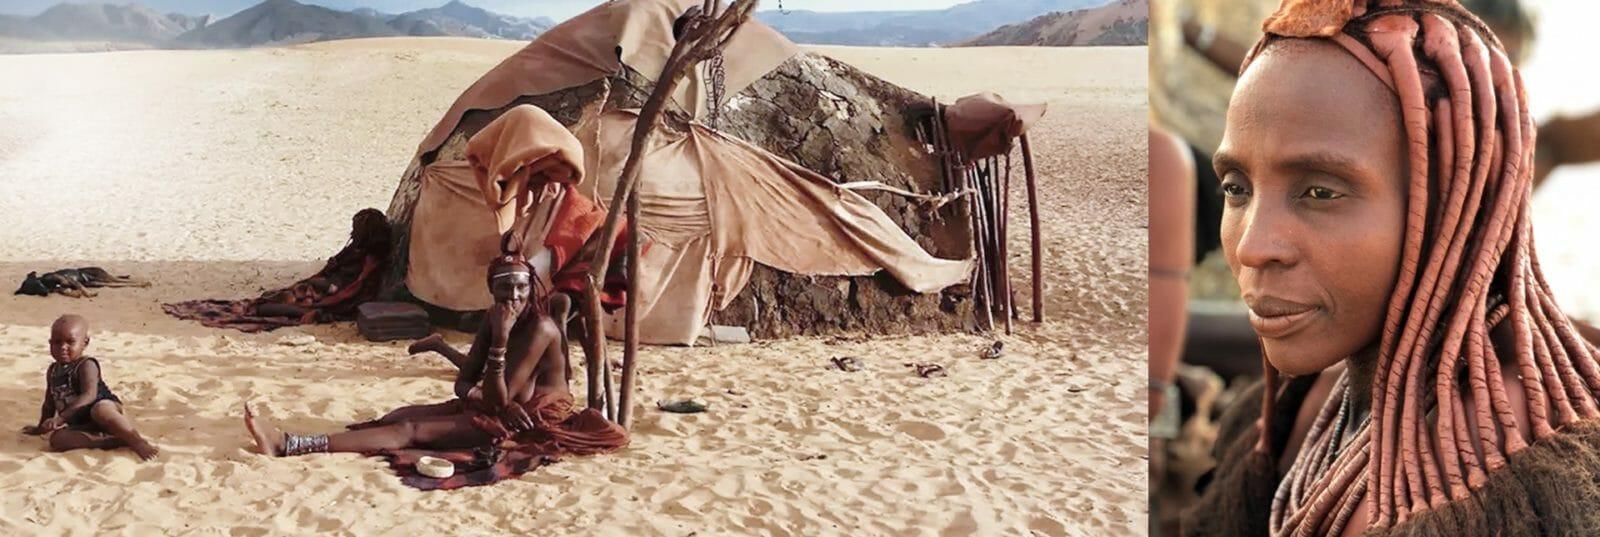 Namibia-Himba-Tribbe